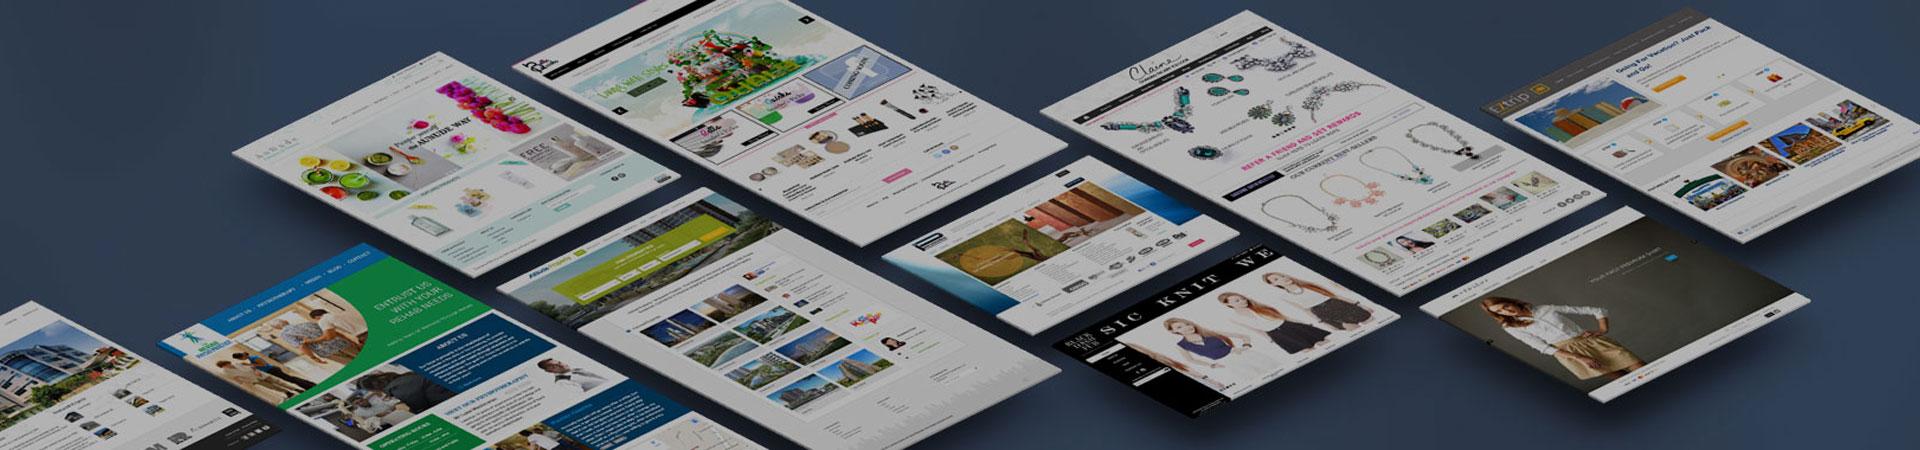 Website Design Singapore - O3 International